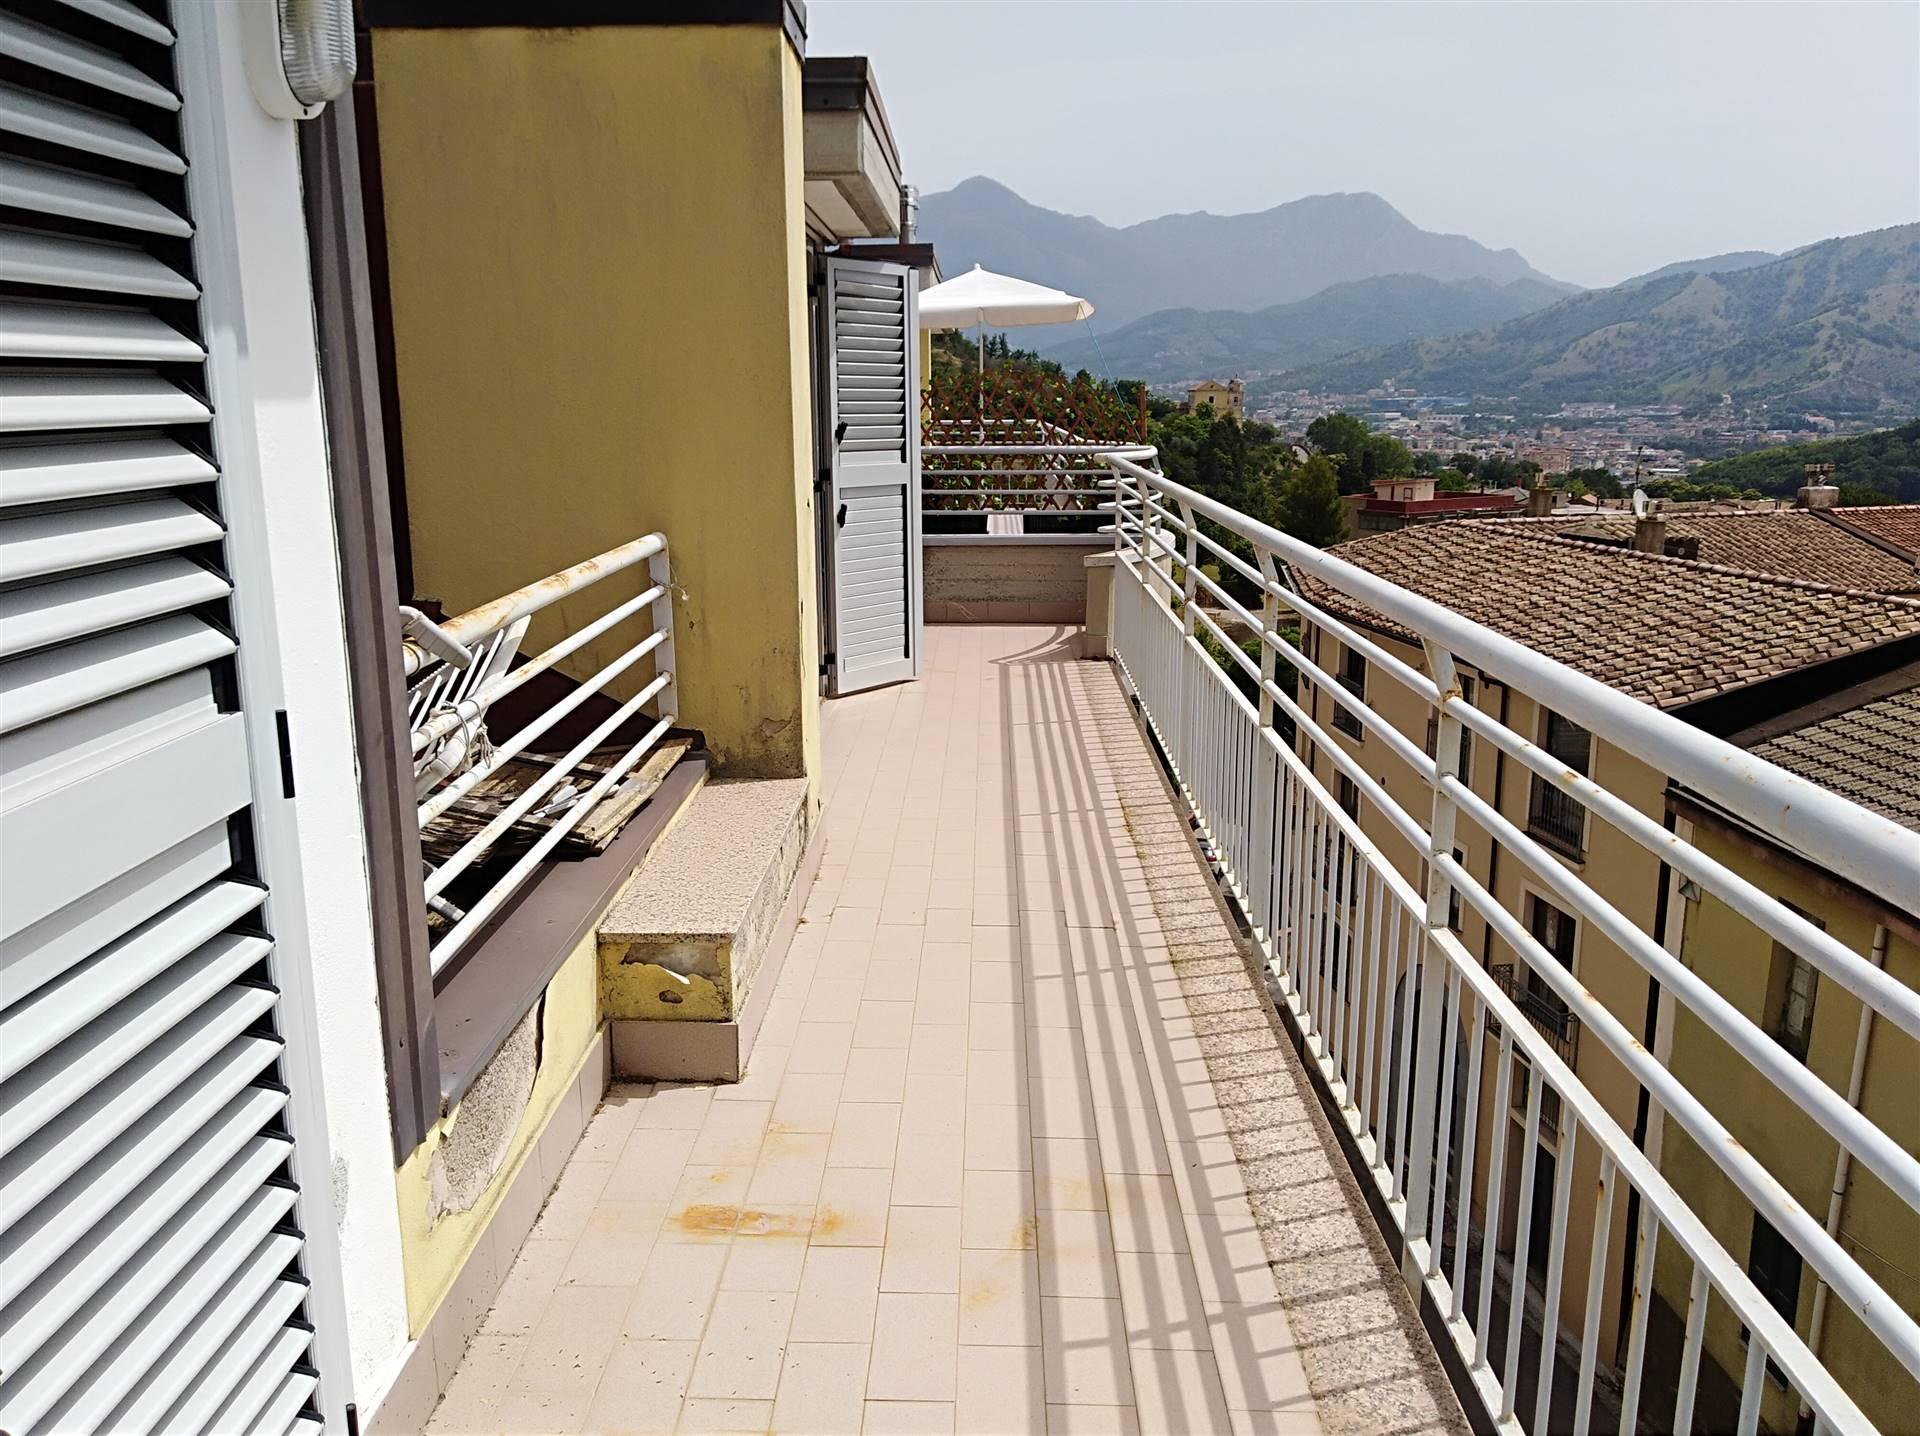 Attico / Mansarda in vendita a Baronissi, 3 locali, zona saragnano, prezzo € 65.000 | PortaleAgenzieImmobiliari.it